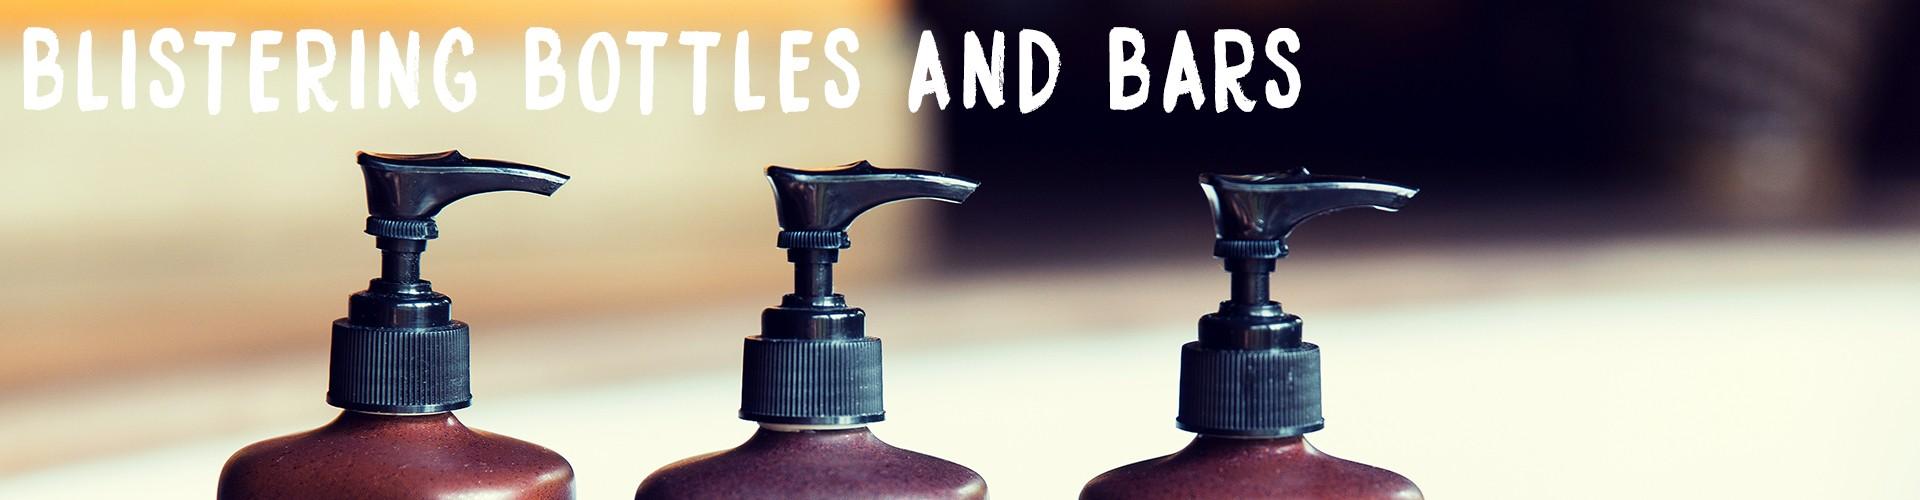 blistering bottles and bars